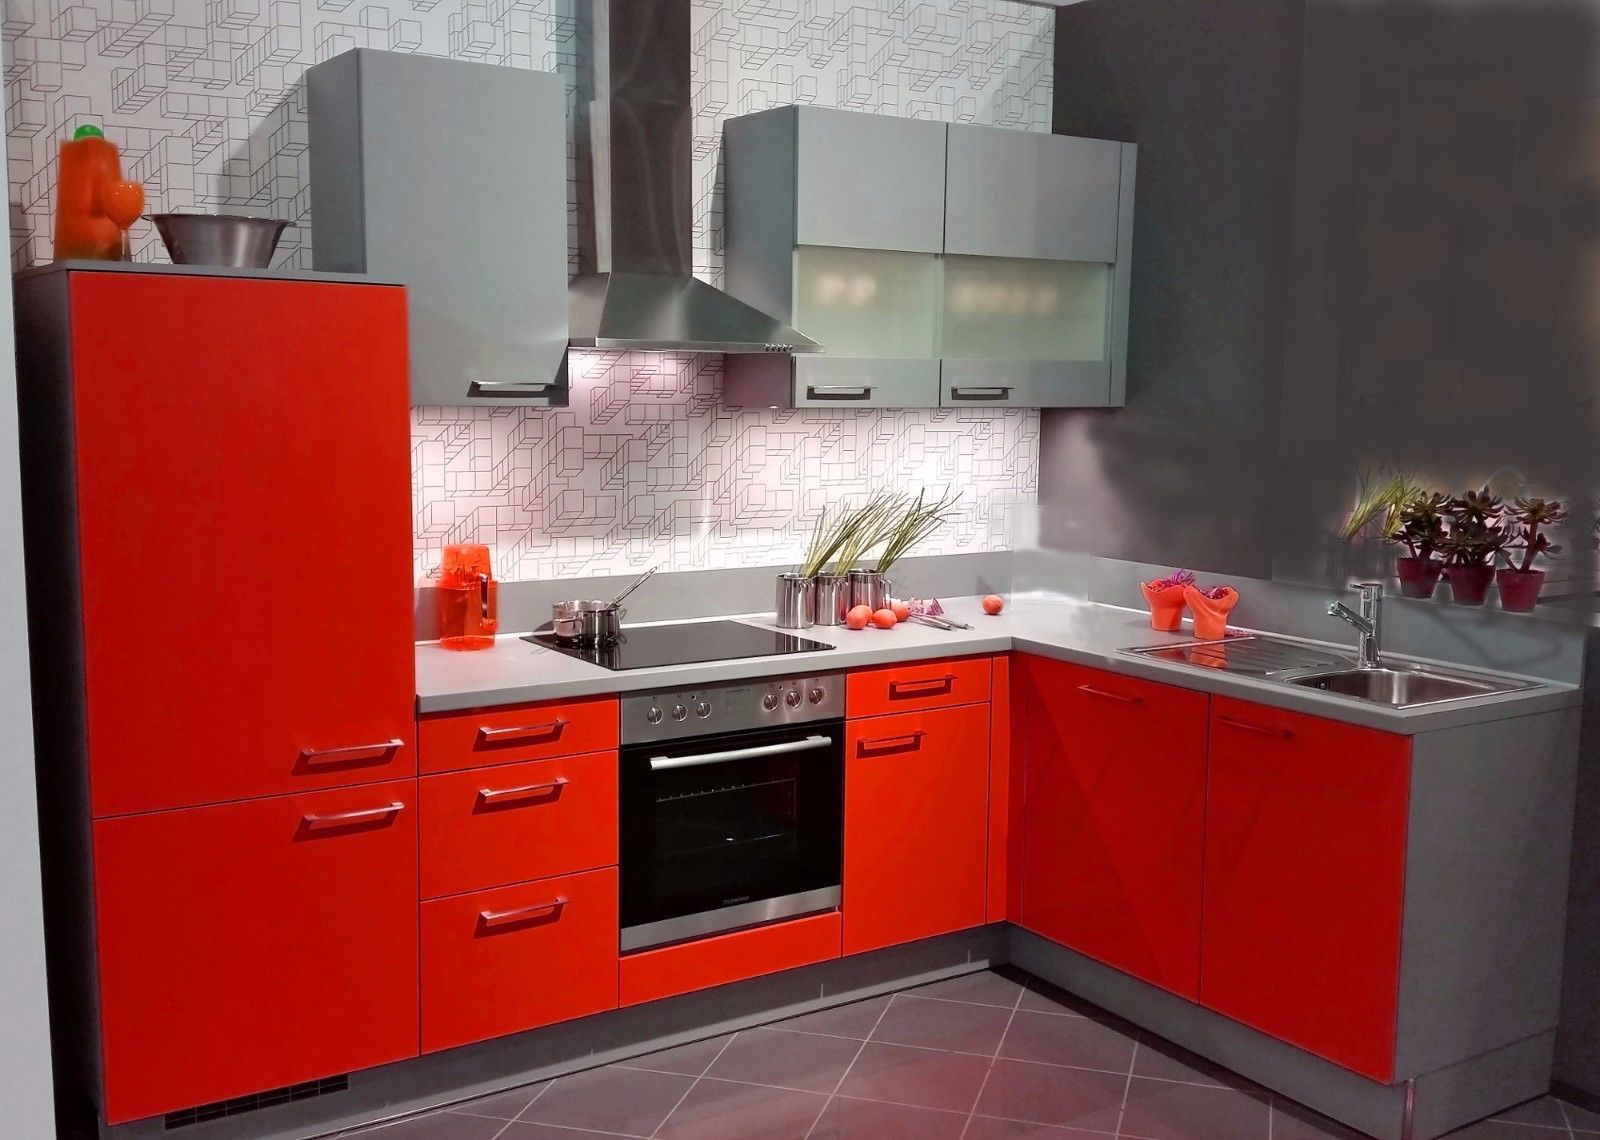 Full Size of Einbauküche L Form Gebraucht Einbauküche L Form Mit Geräten Einbauküche L Form Günstig Einbauküche L Form Kaufen Küche Einbauküche L Form